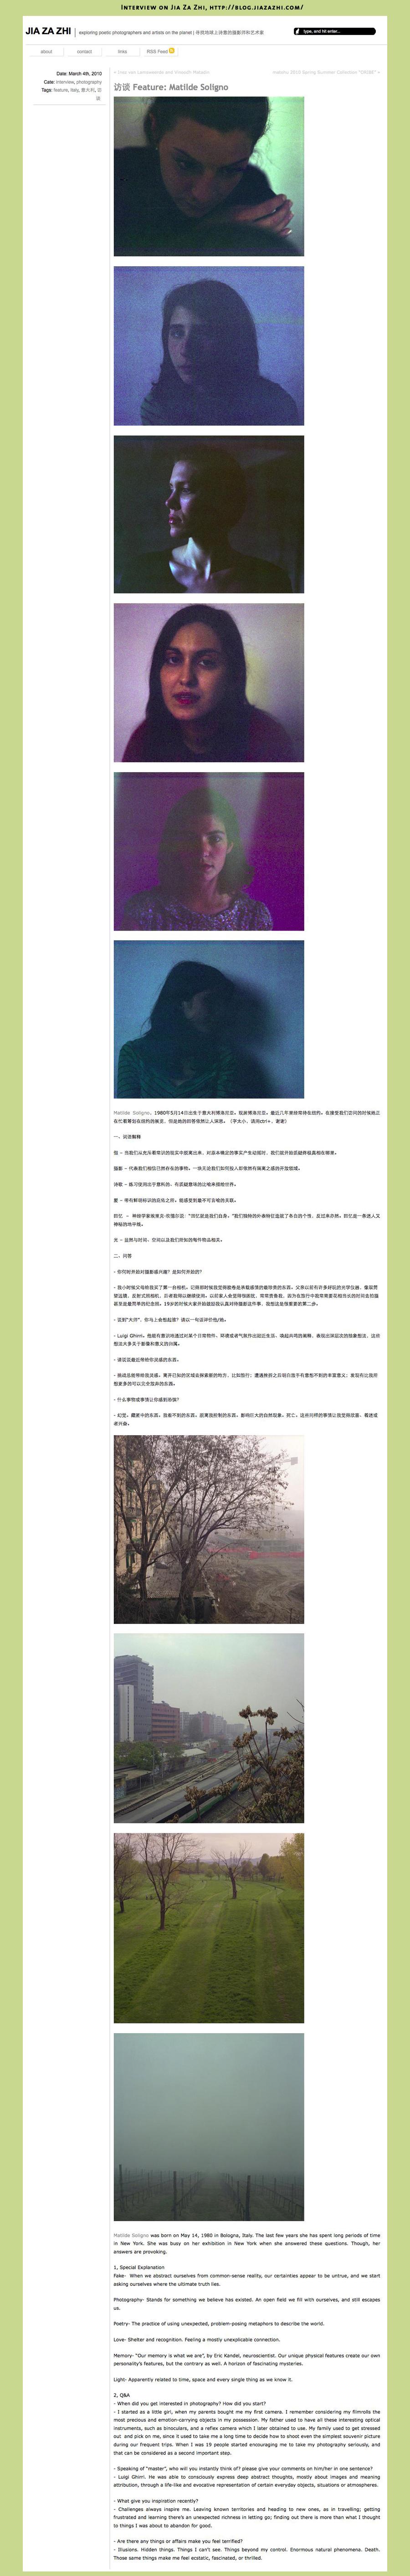 Interview on Jia Za Zhi, http://blog.jiazazhi.com/